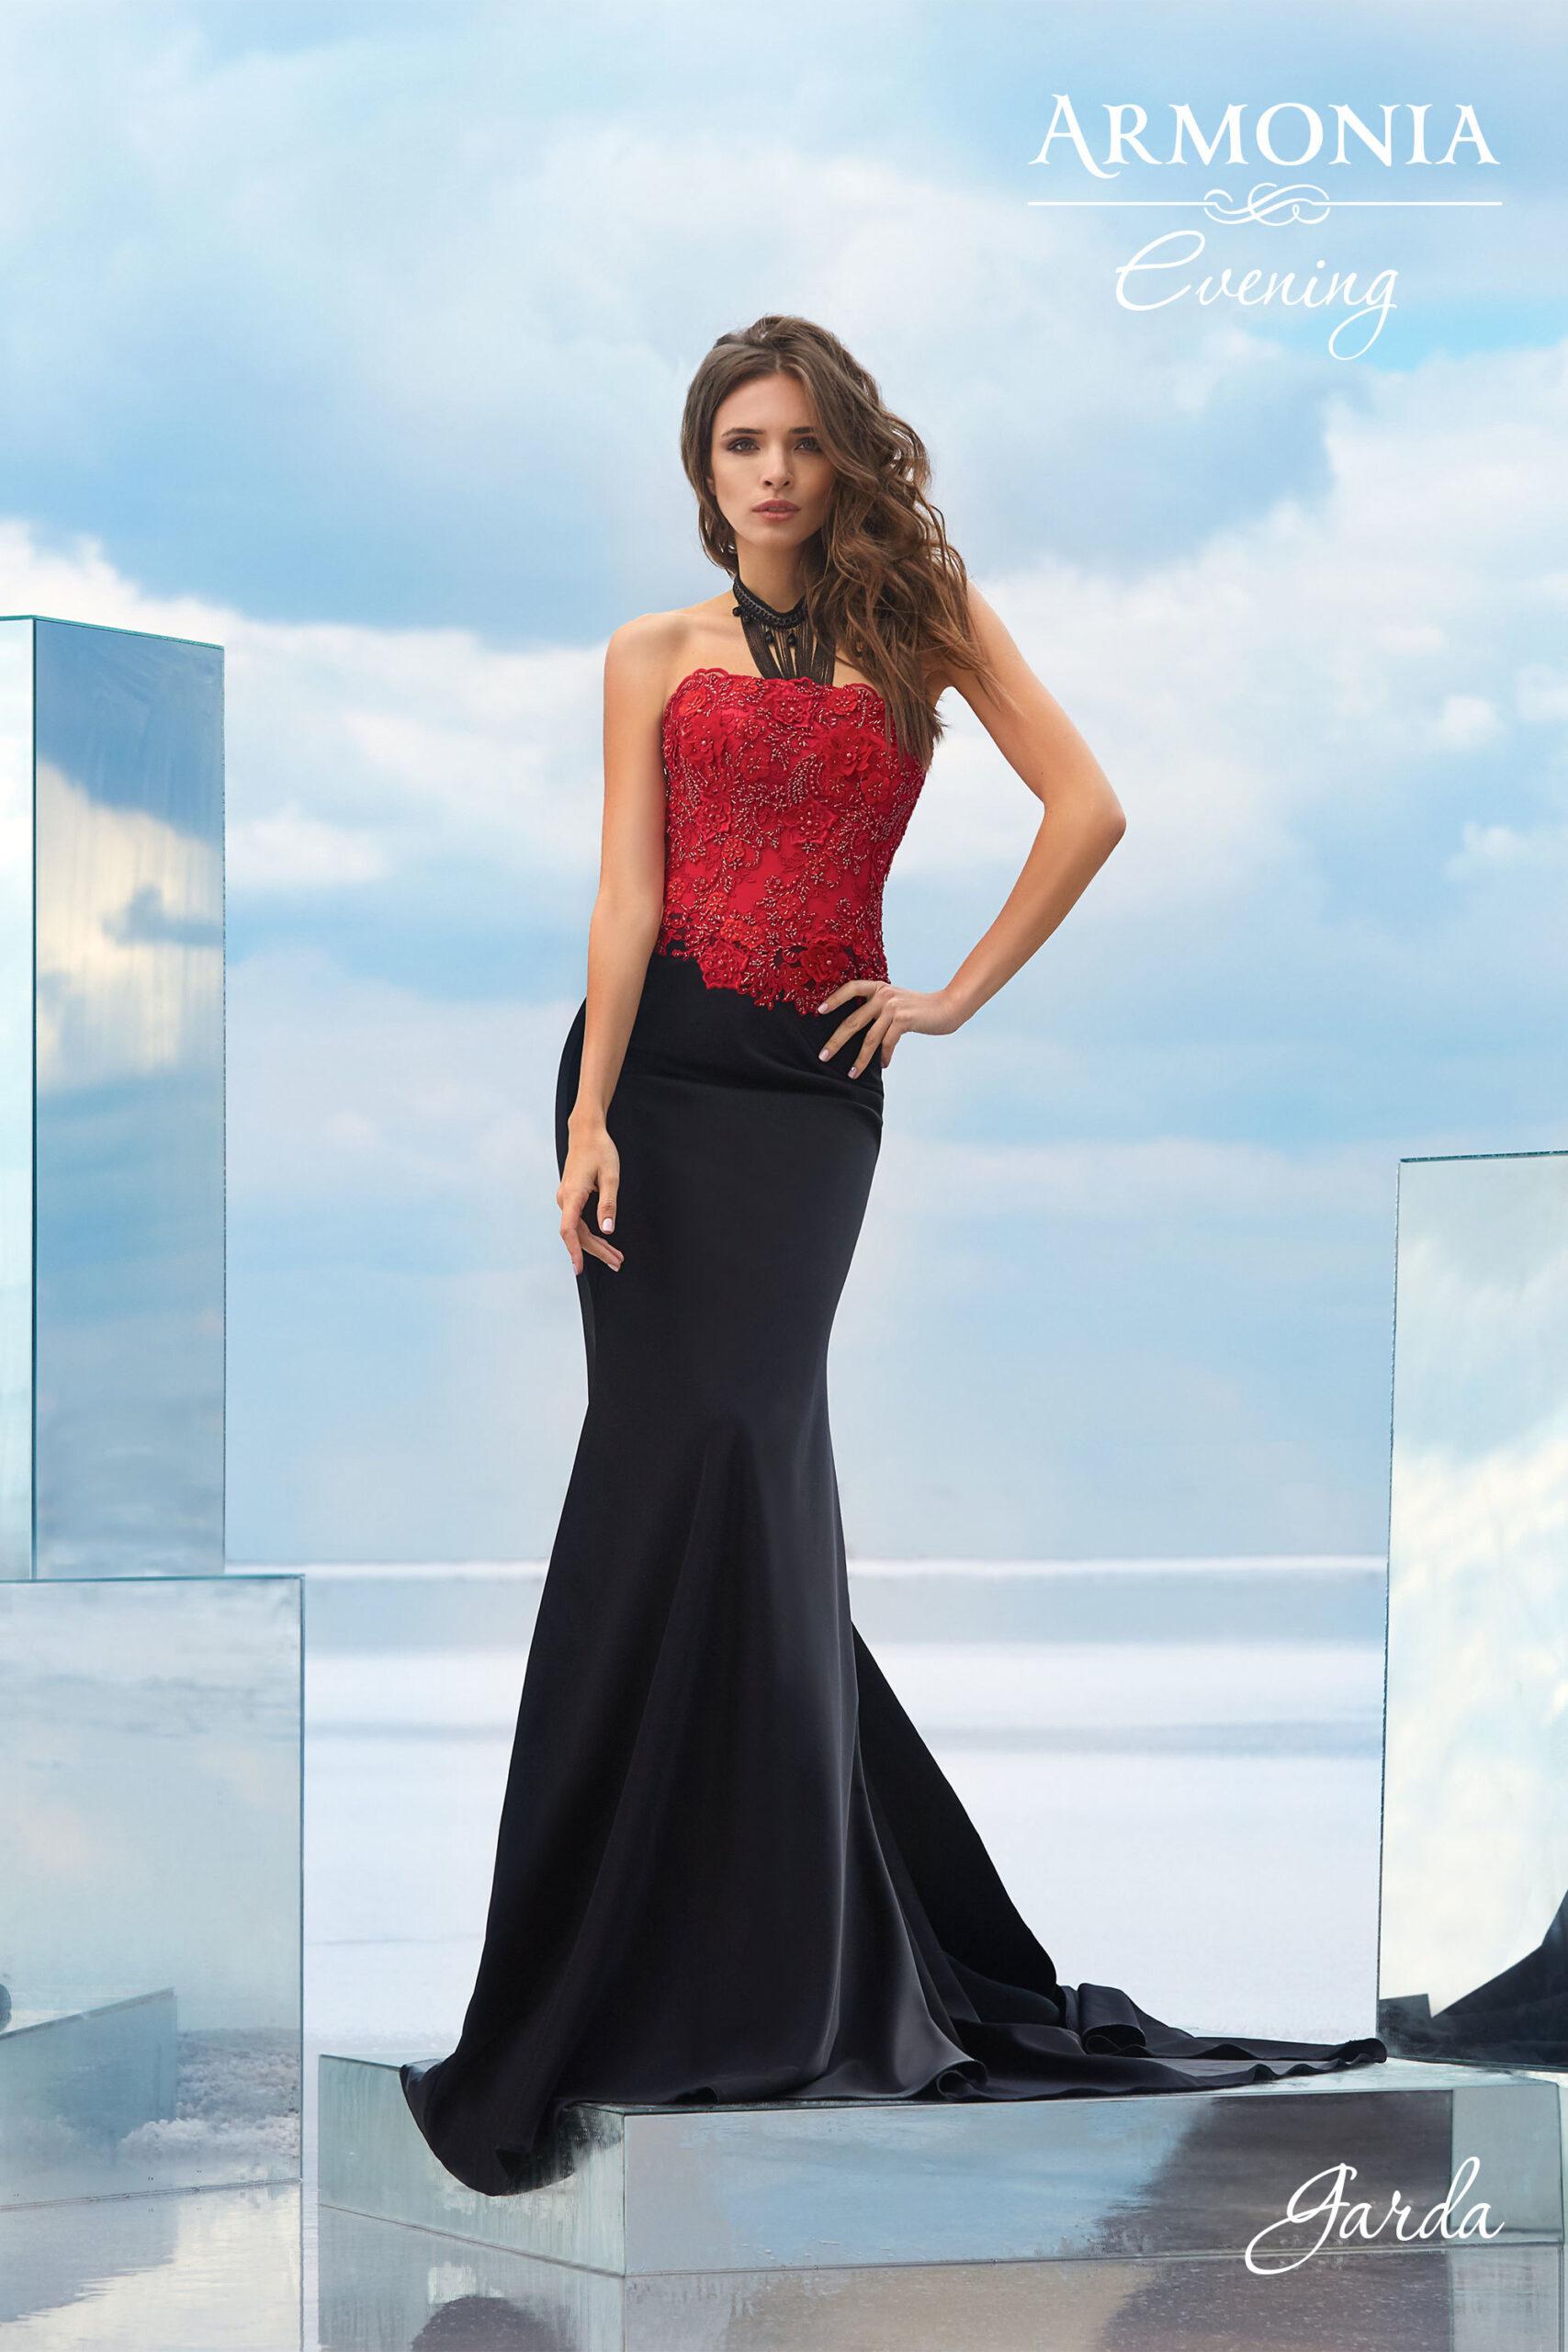 Вечернее платье Garda Armonia